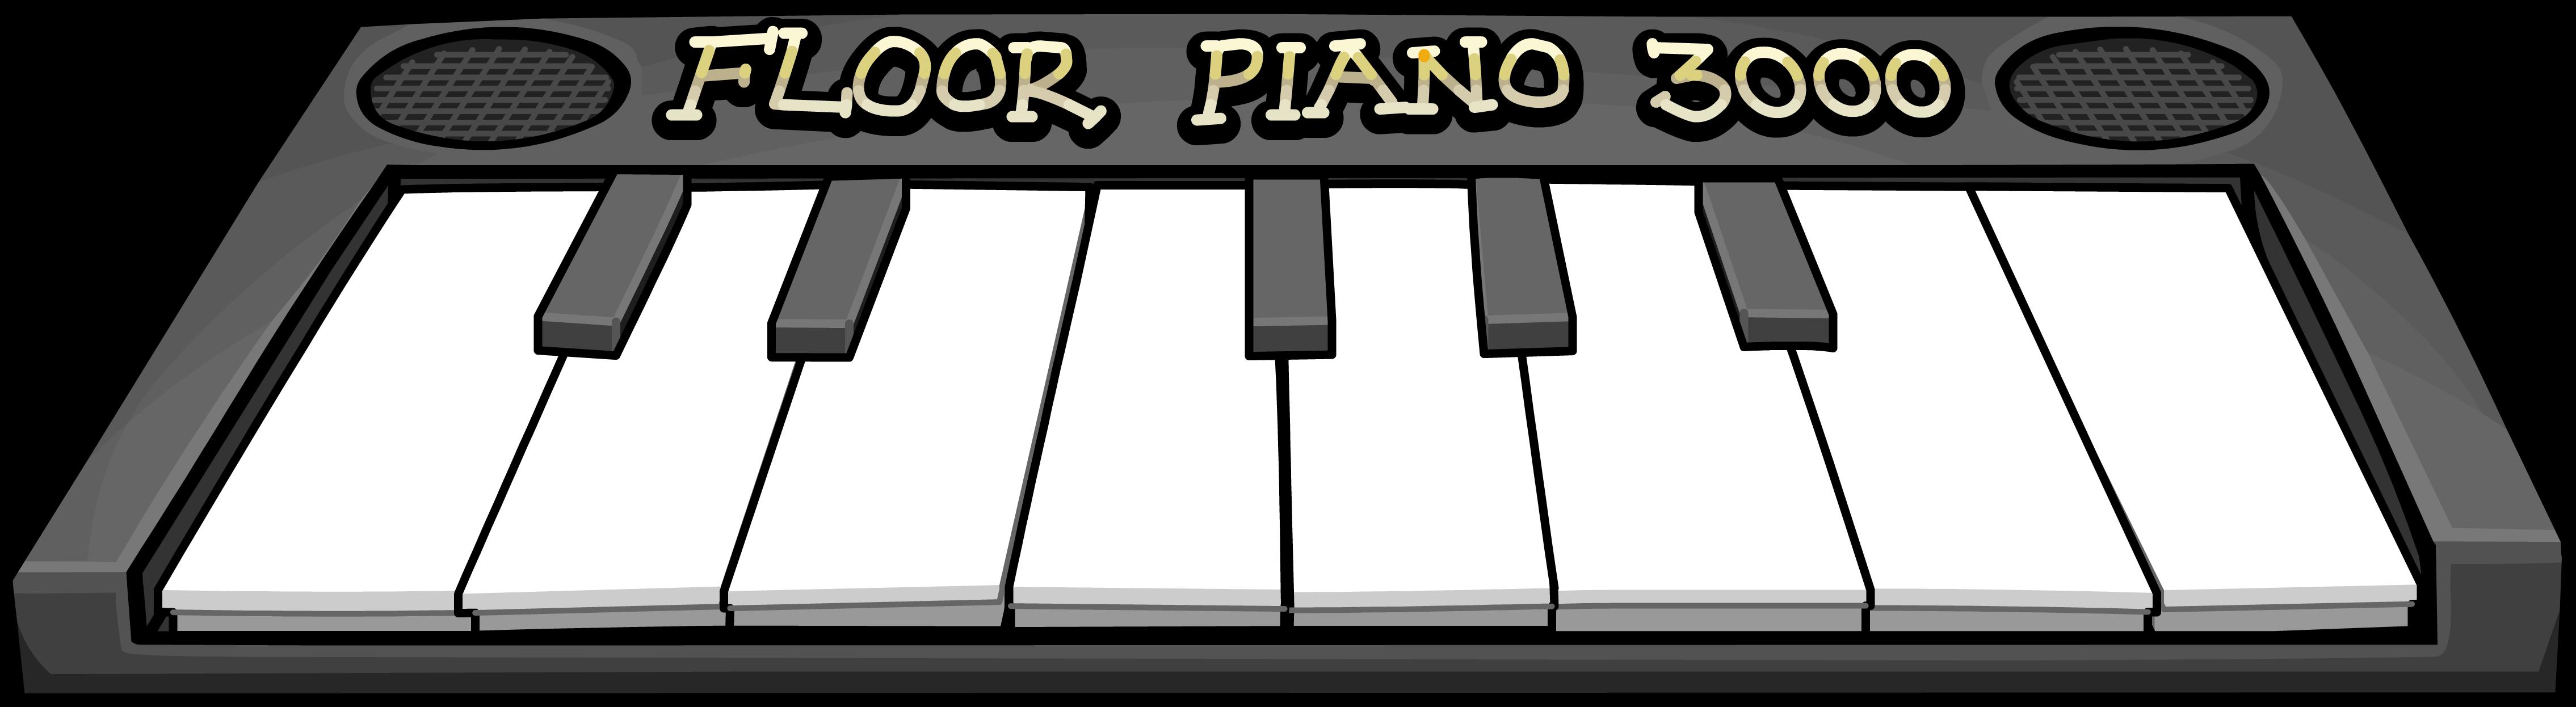 Floor Piano 3000